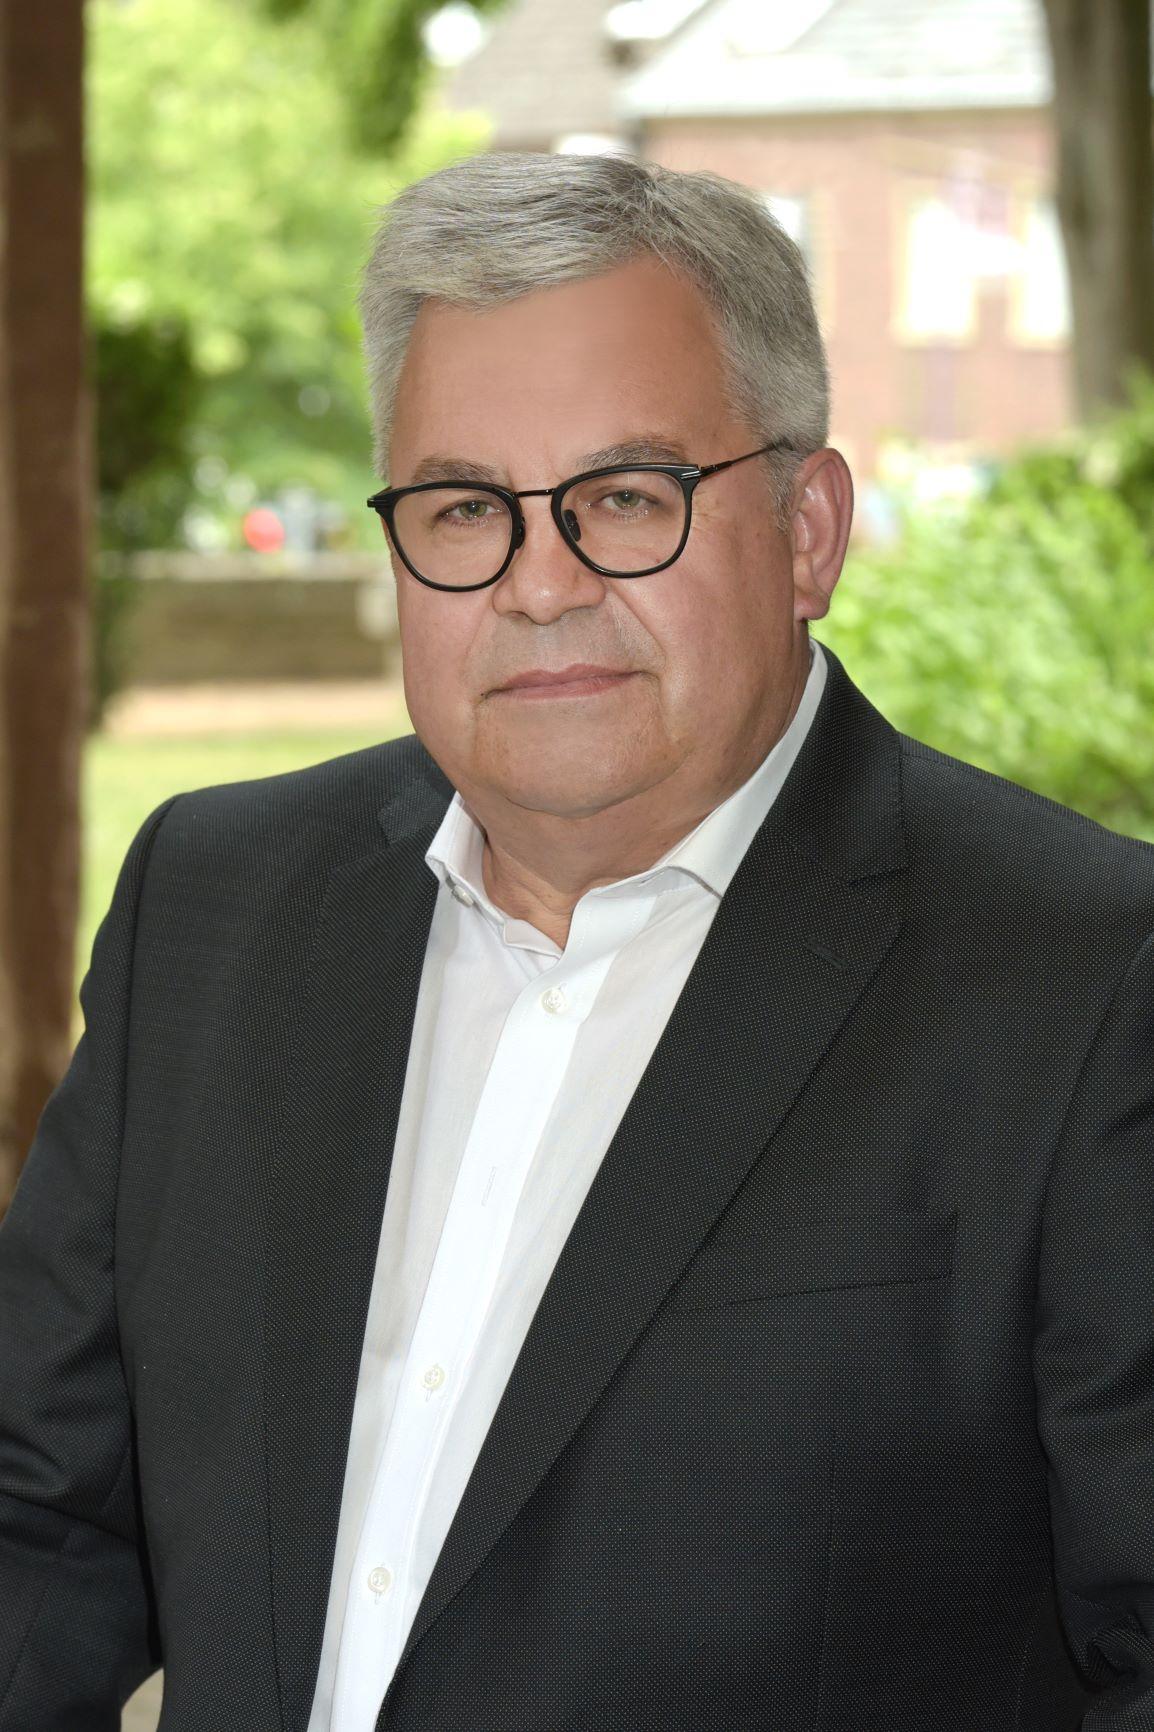 Abbildung von Wolfgang Mohren